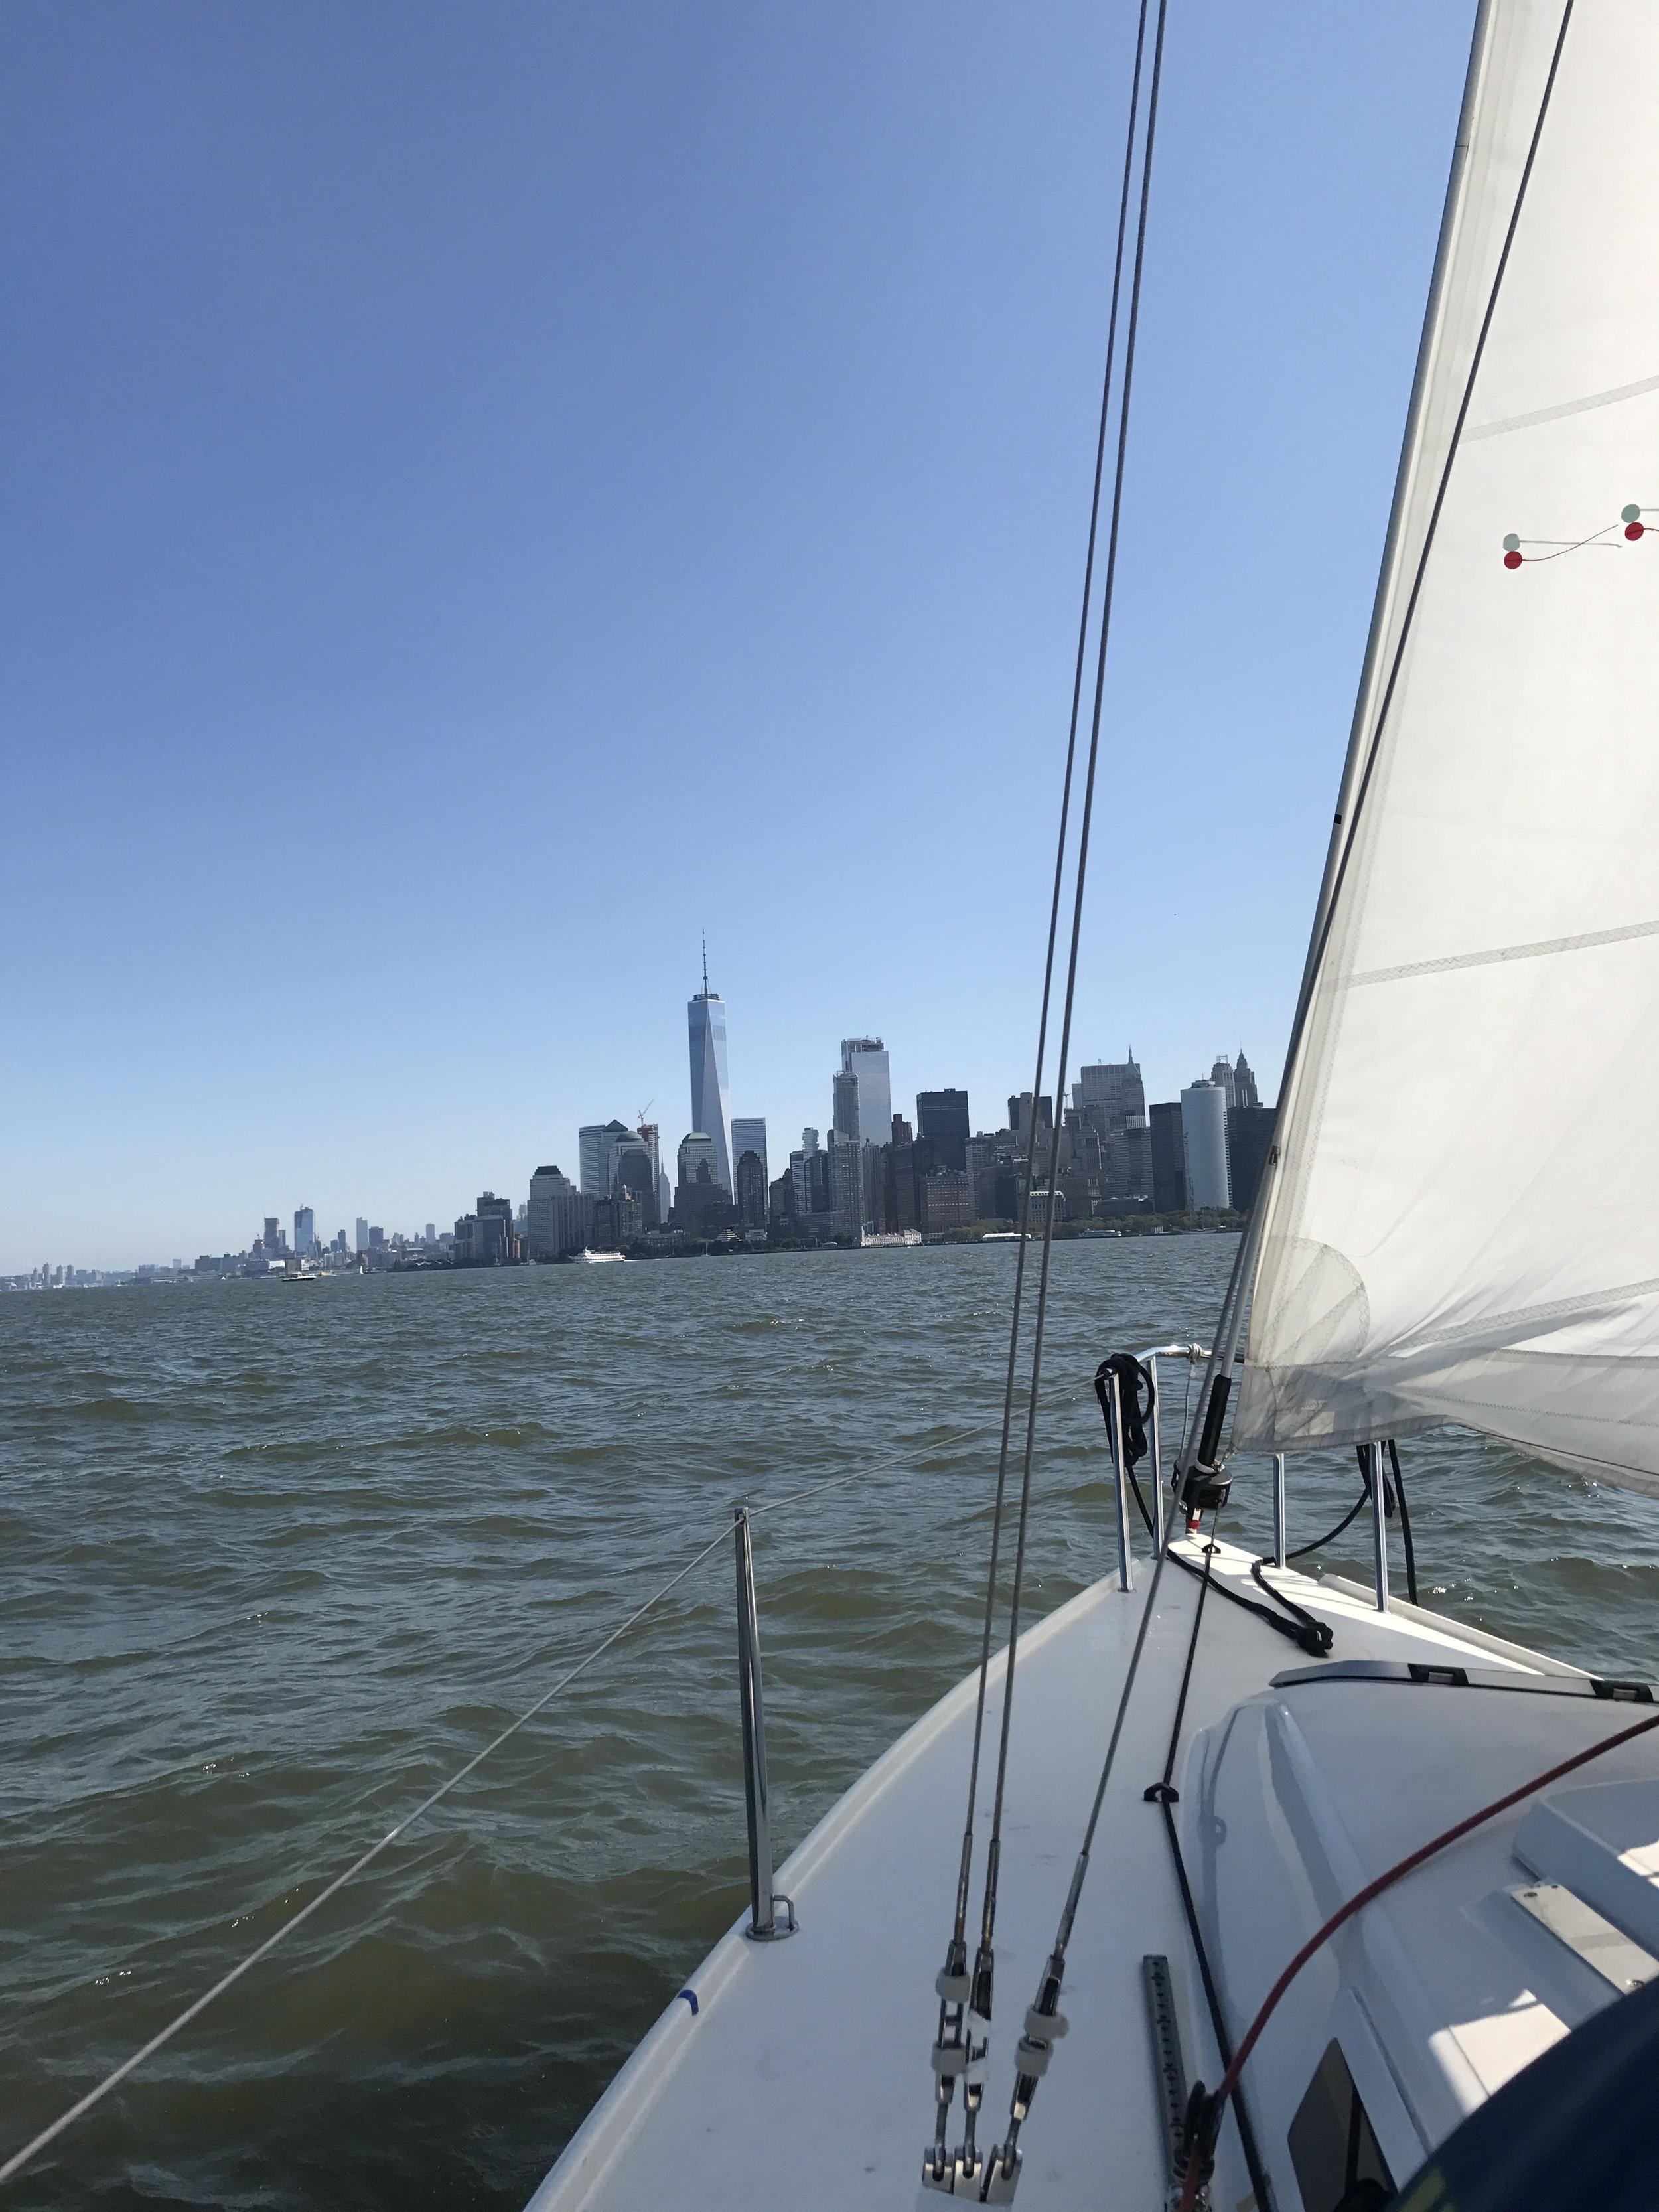 Sailing boat trip